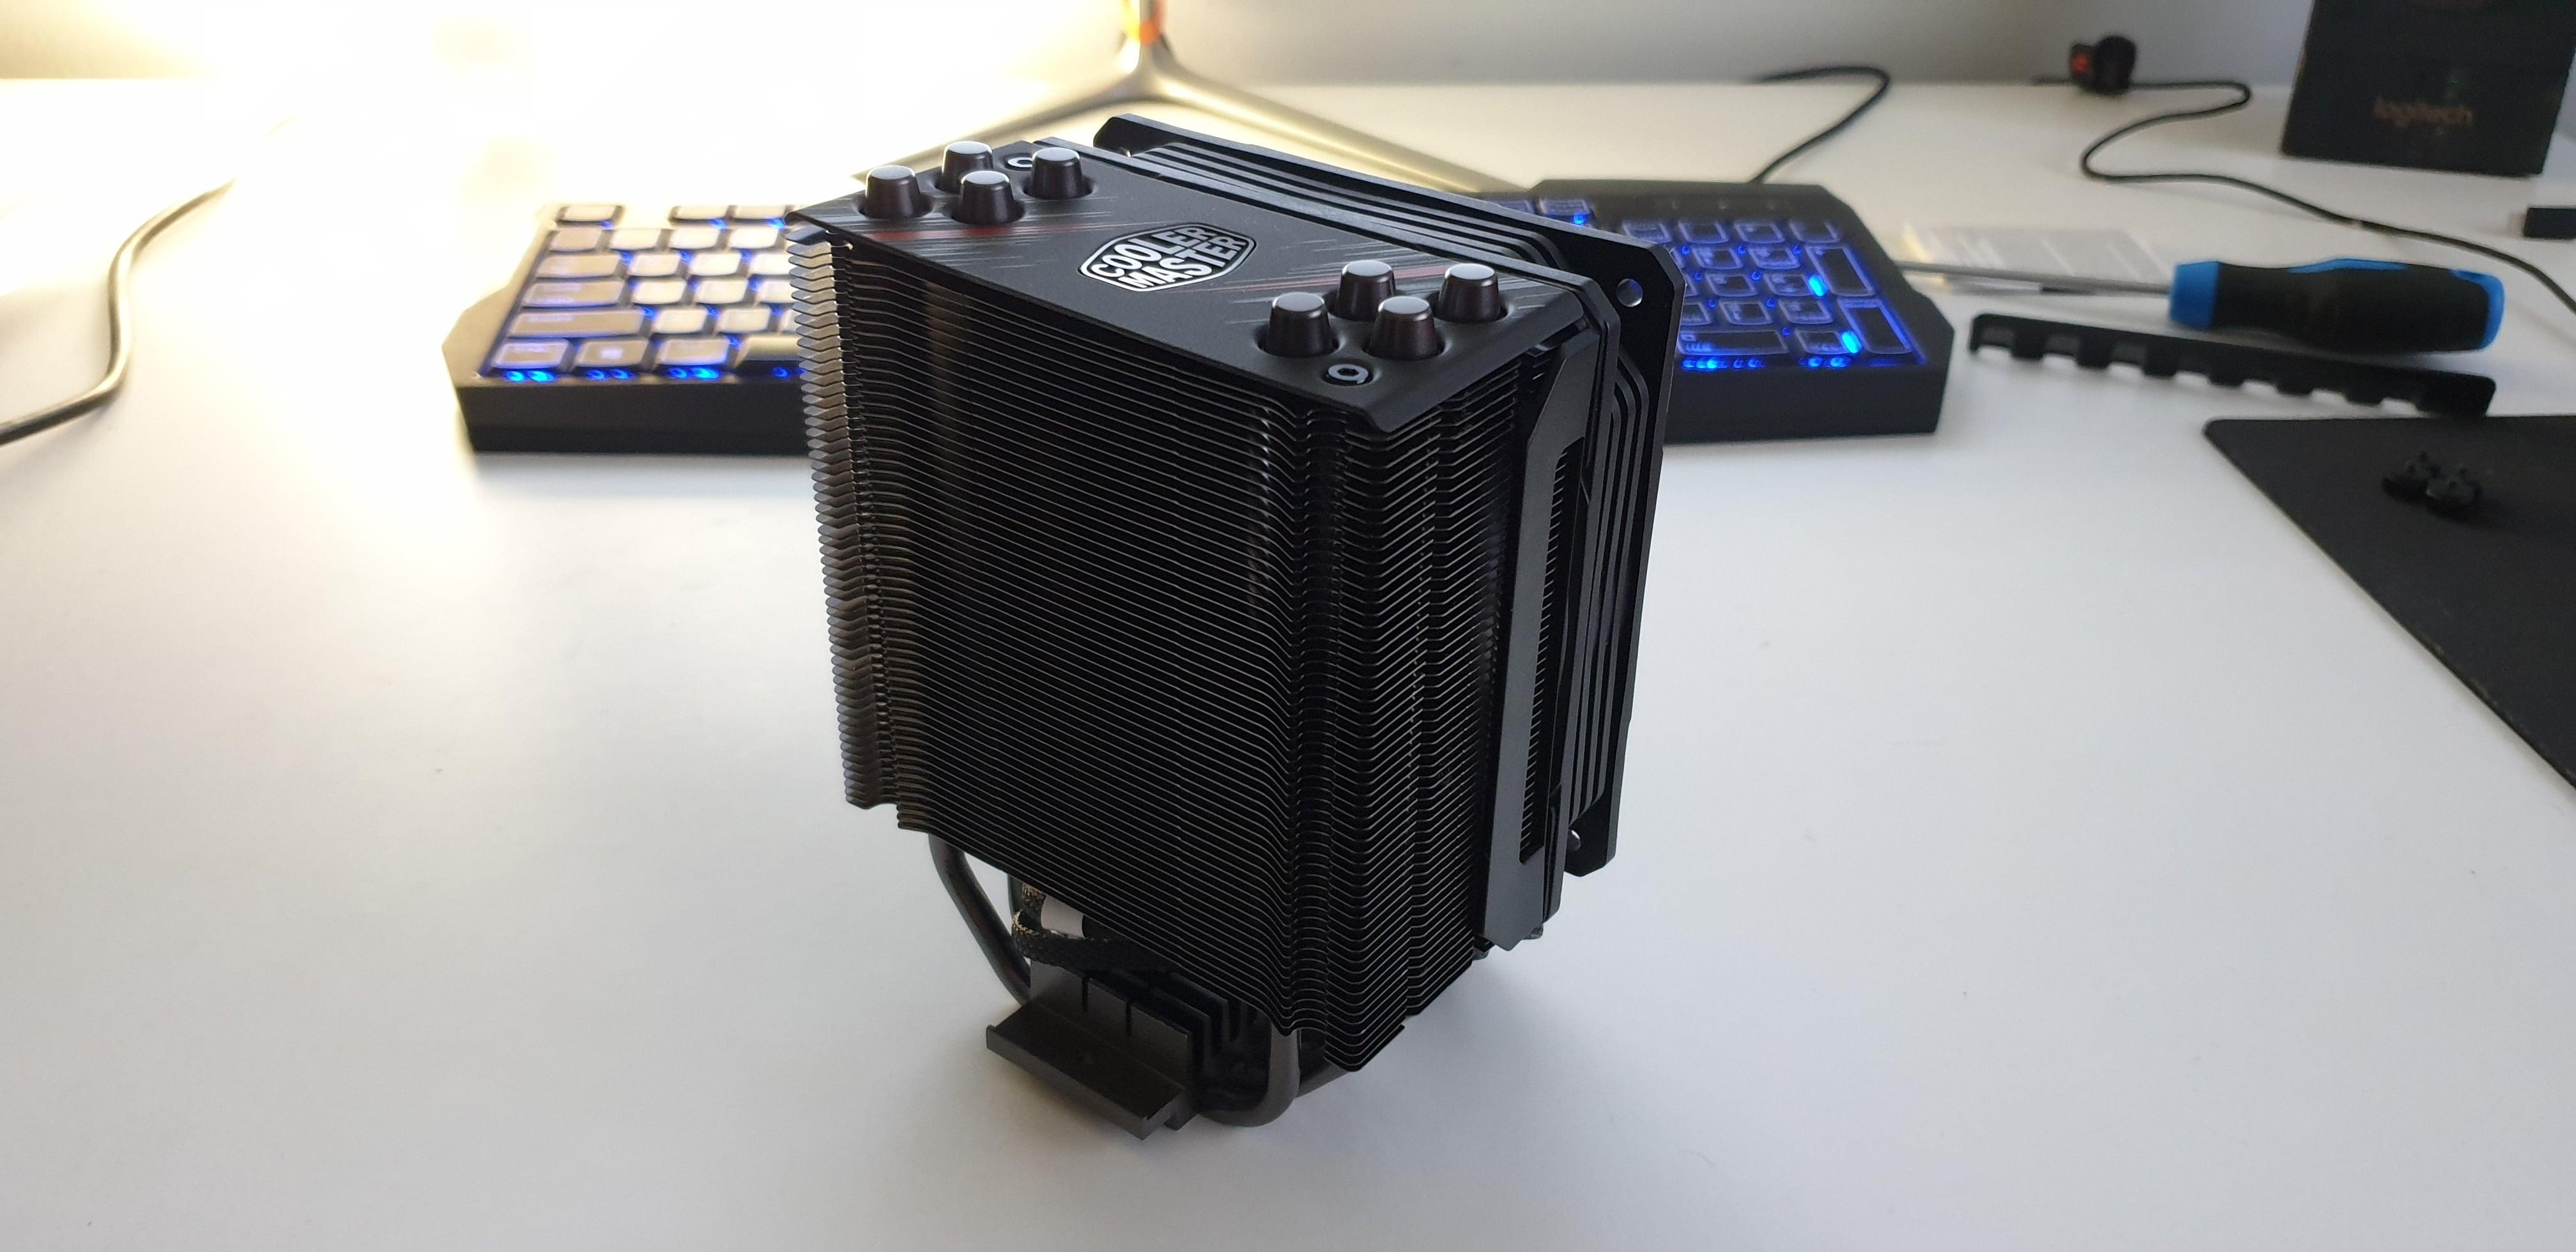 Testujemy cooler dla CPU - Cooler Master Hyper 212 RGB Phantom Gaming Edition. Warto? 28